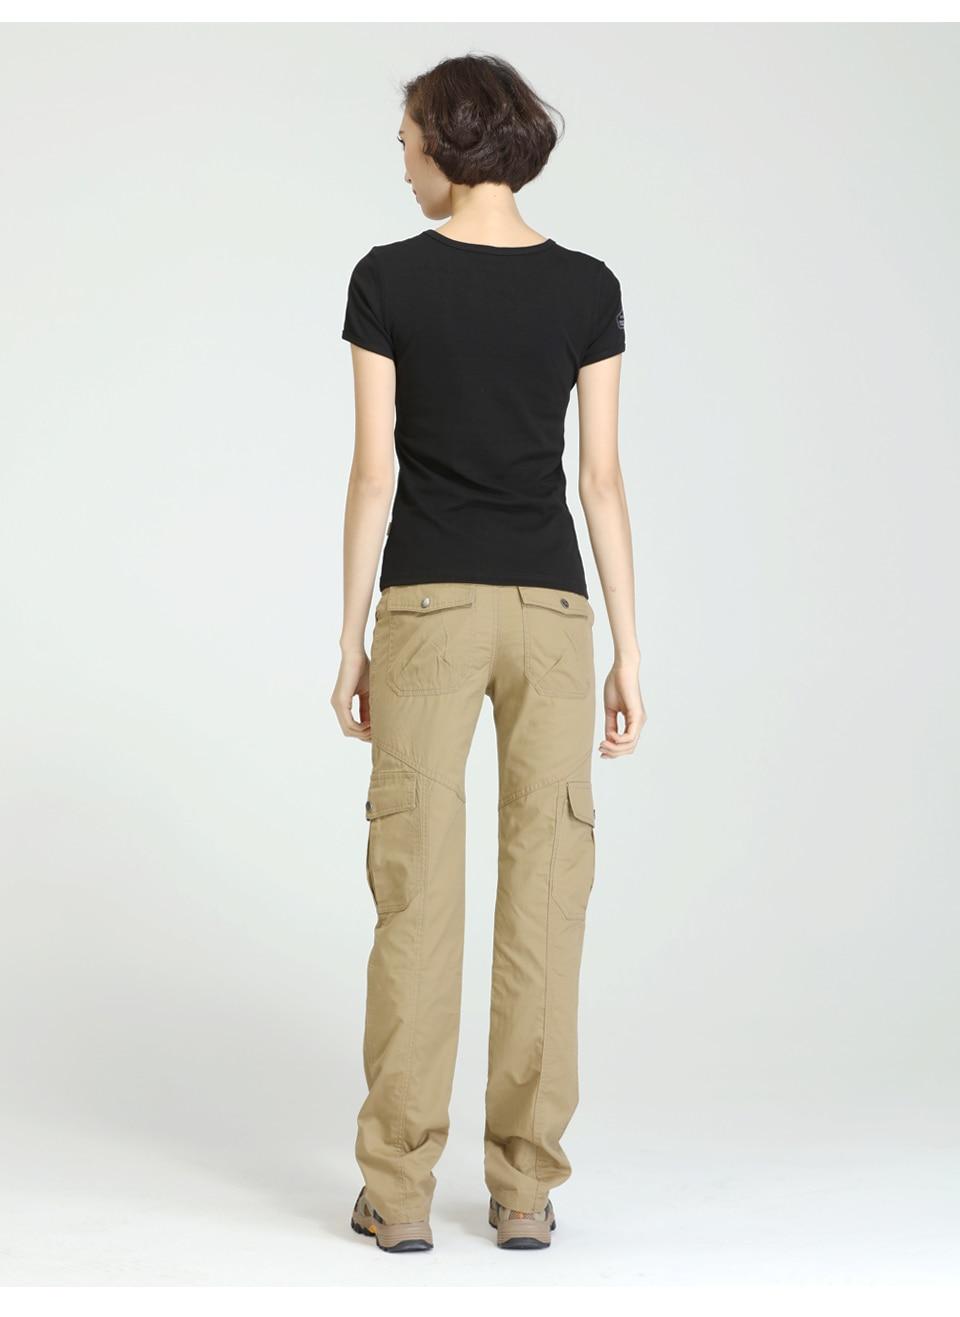 women pants (11)